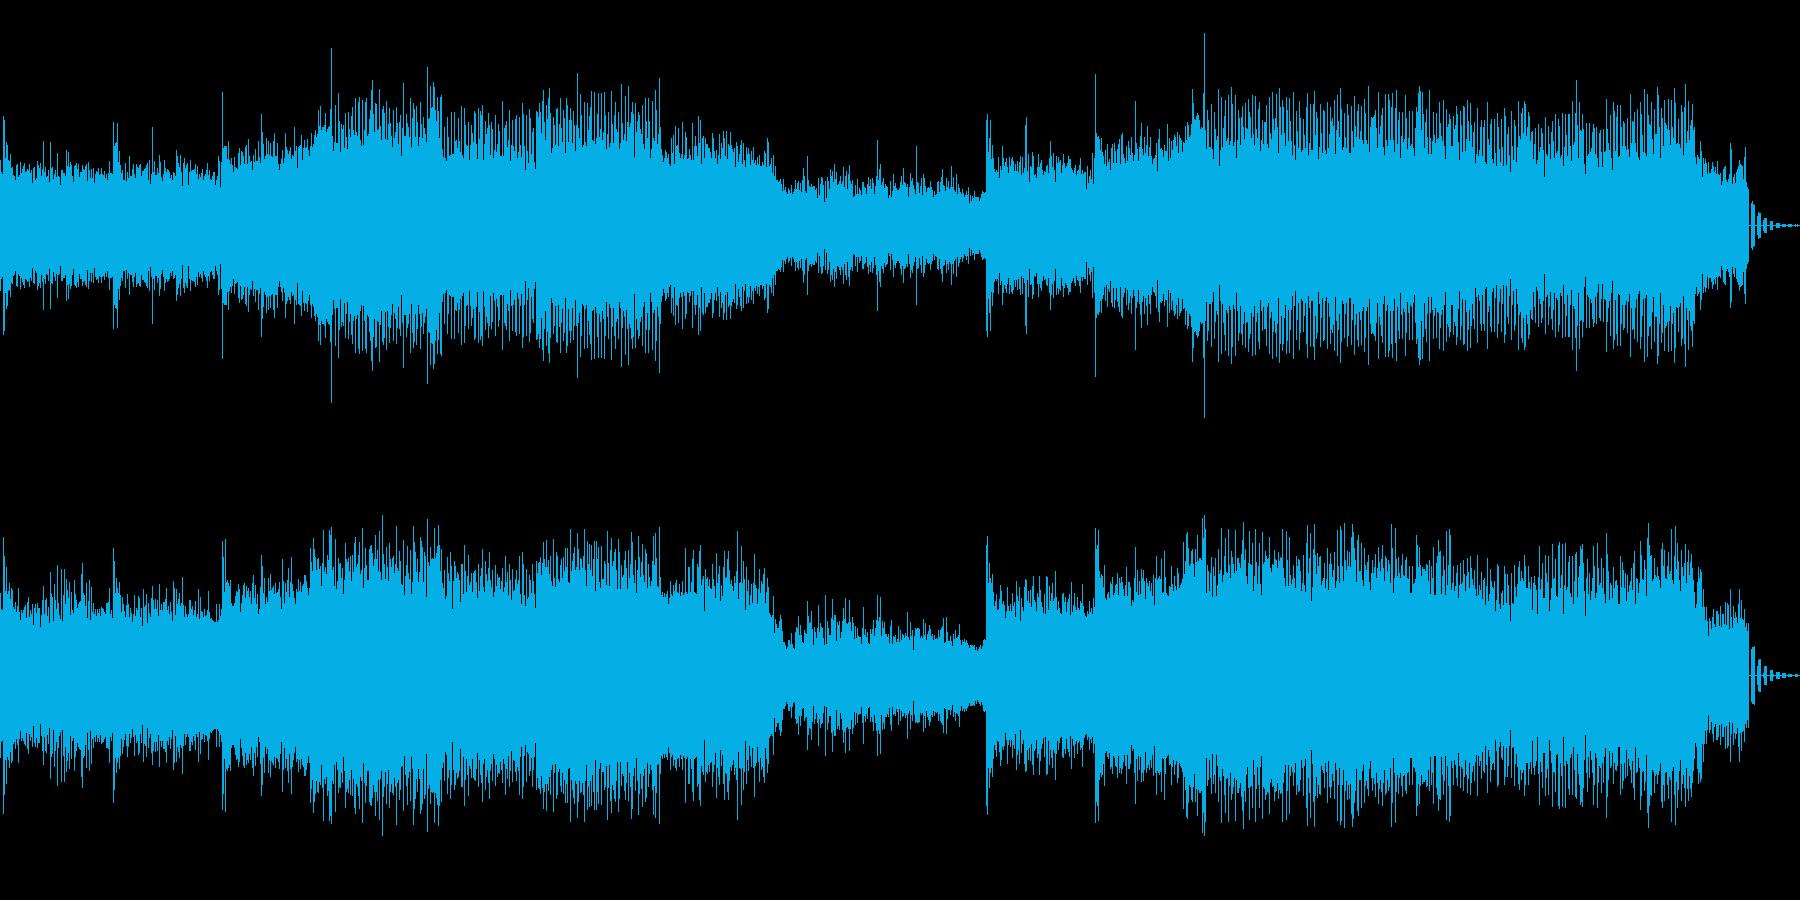 機械的で浮遊感あるシンセサイザーの曲の再生済みの波形